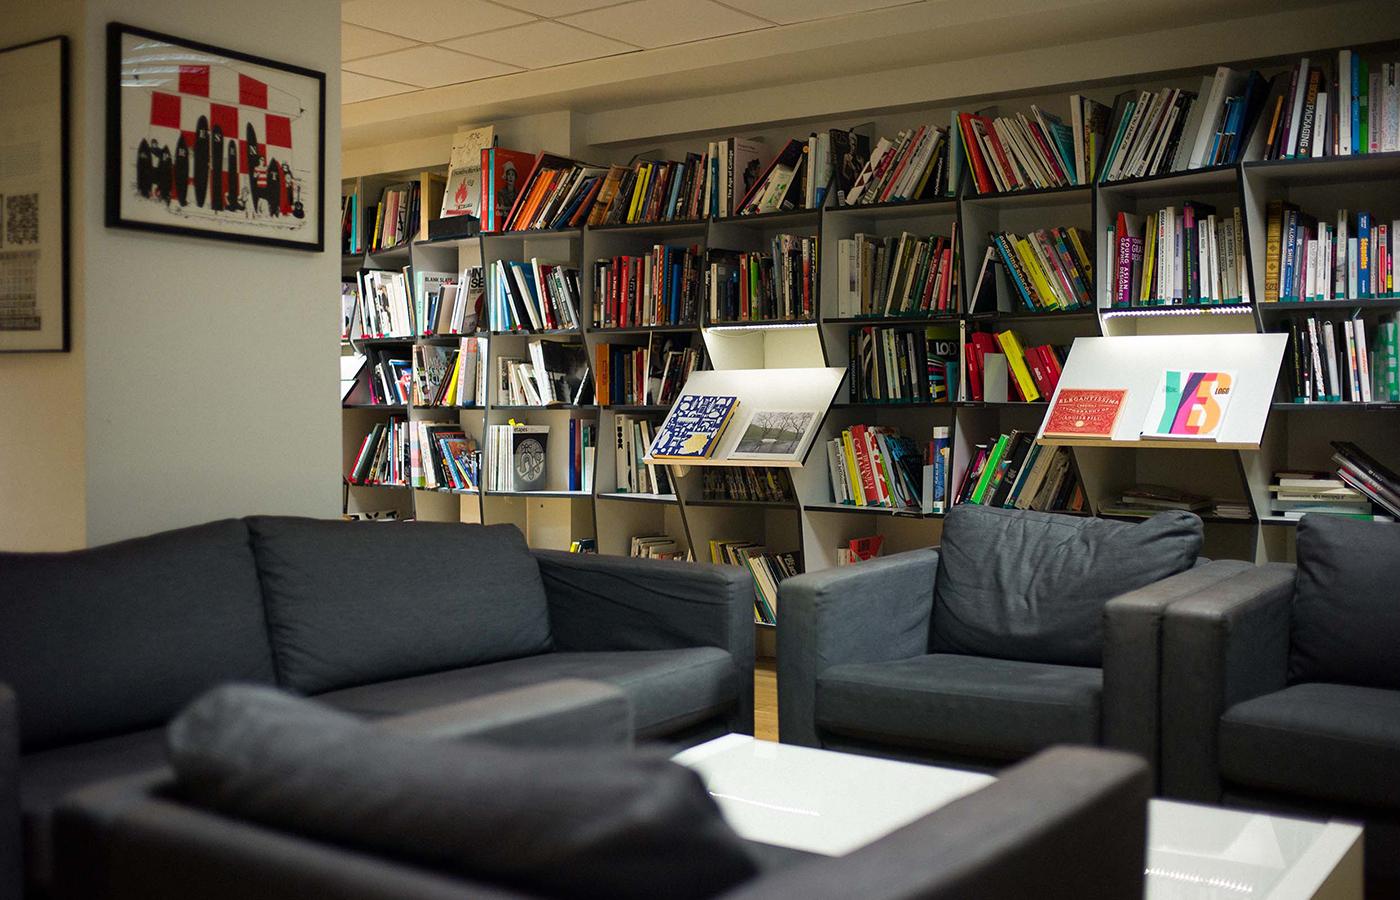 les-grots-mots-bureaux-agence-publicite-paris-23